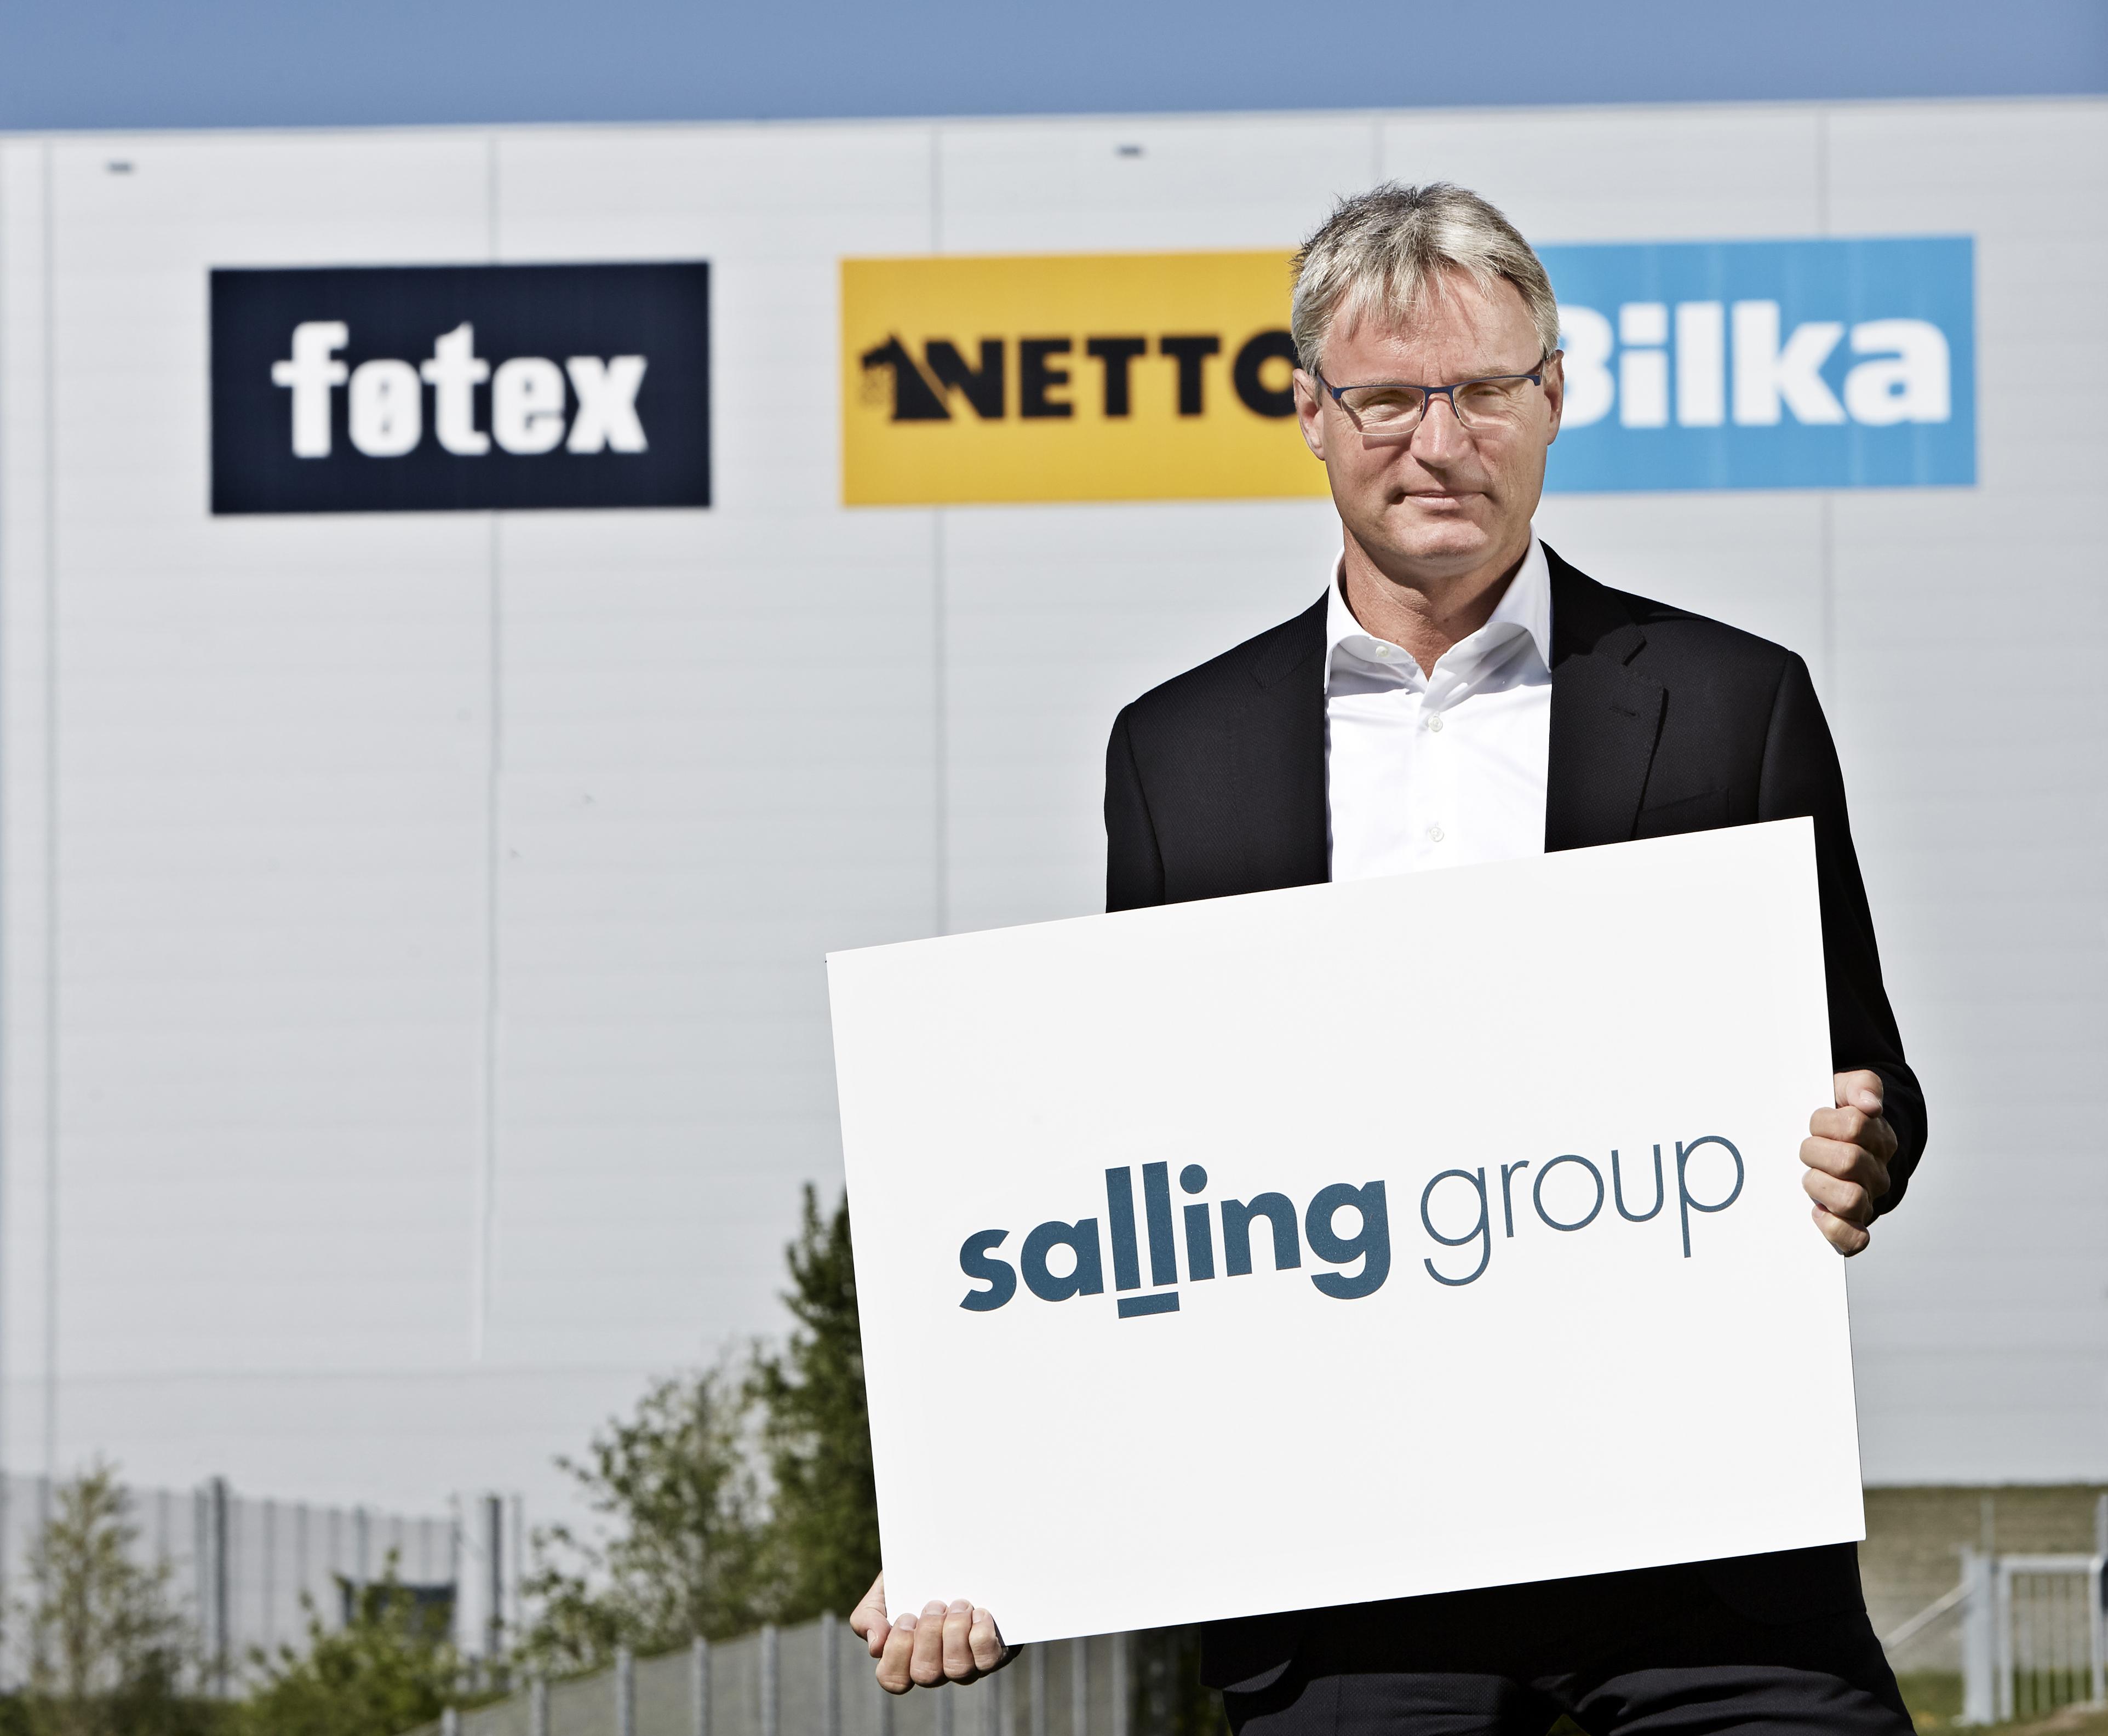 Salling Group, bilka, føtex, dansk supermarked, detail, handel, indkøb